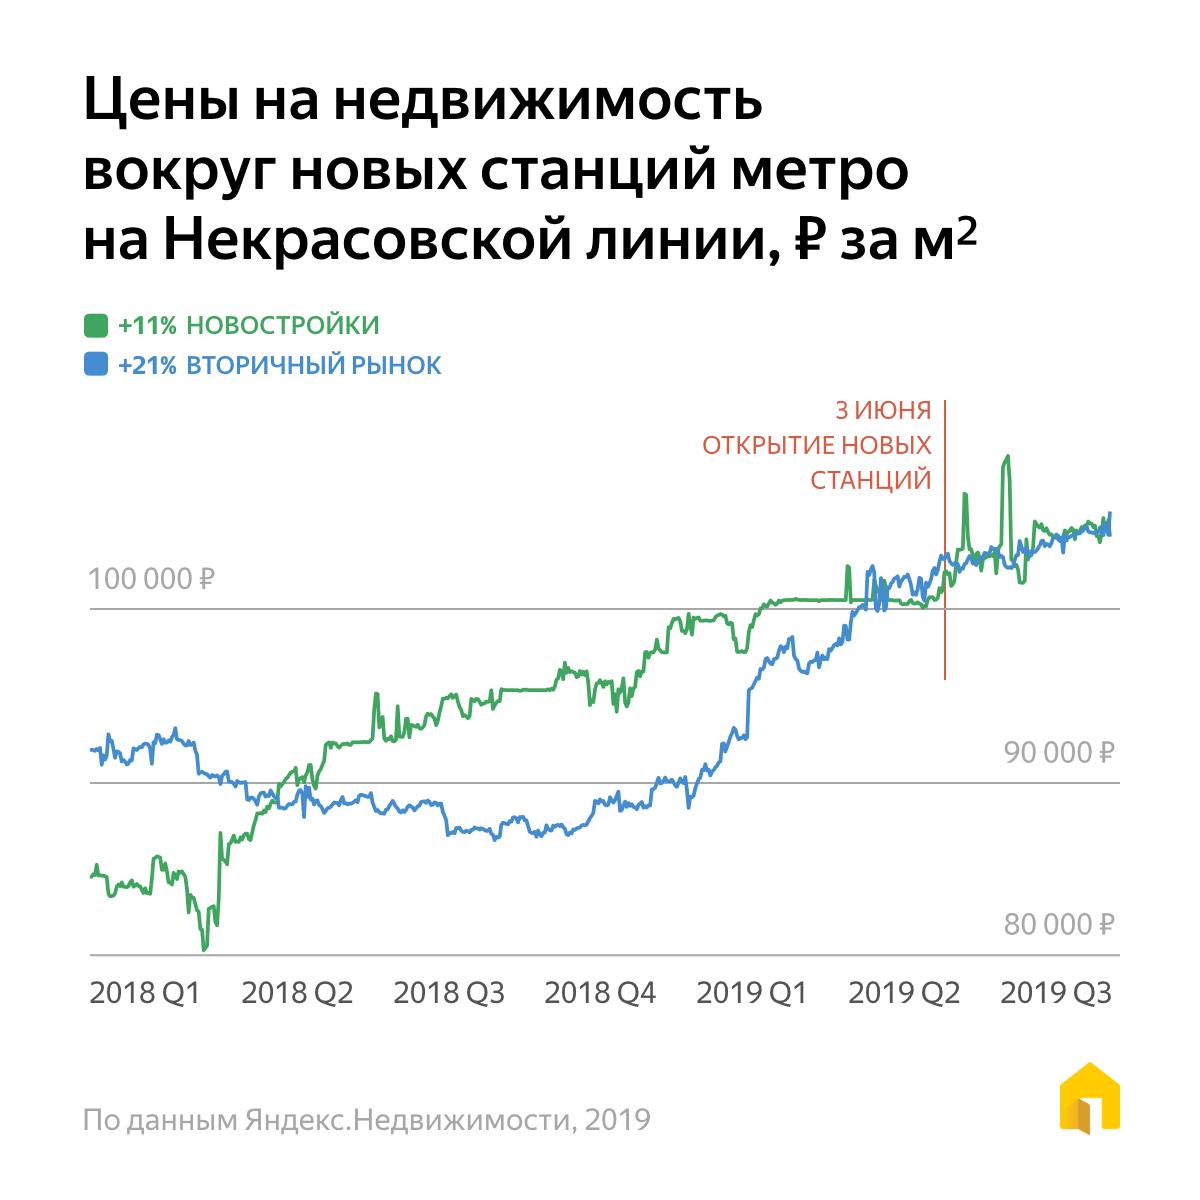 Рост цен Некрасовка